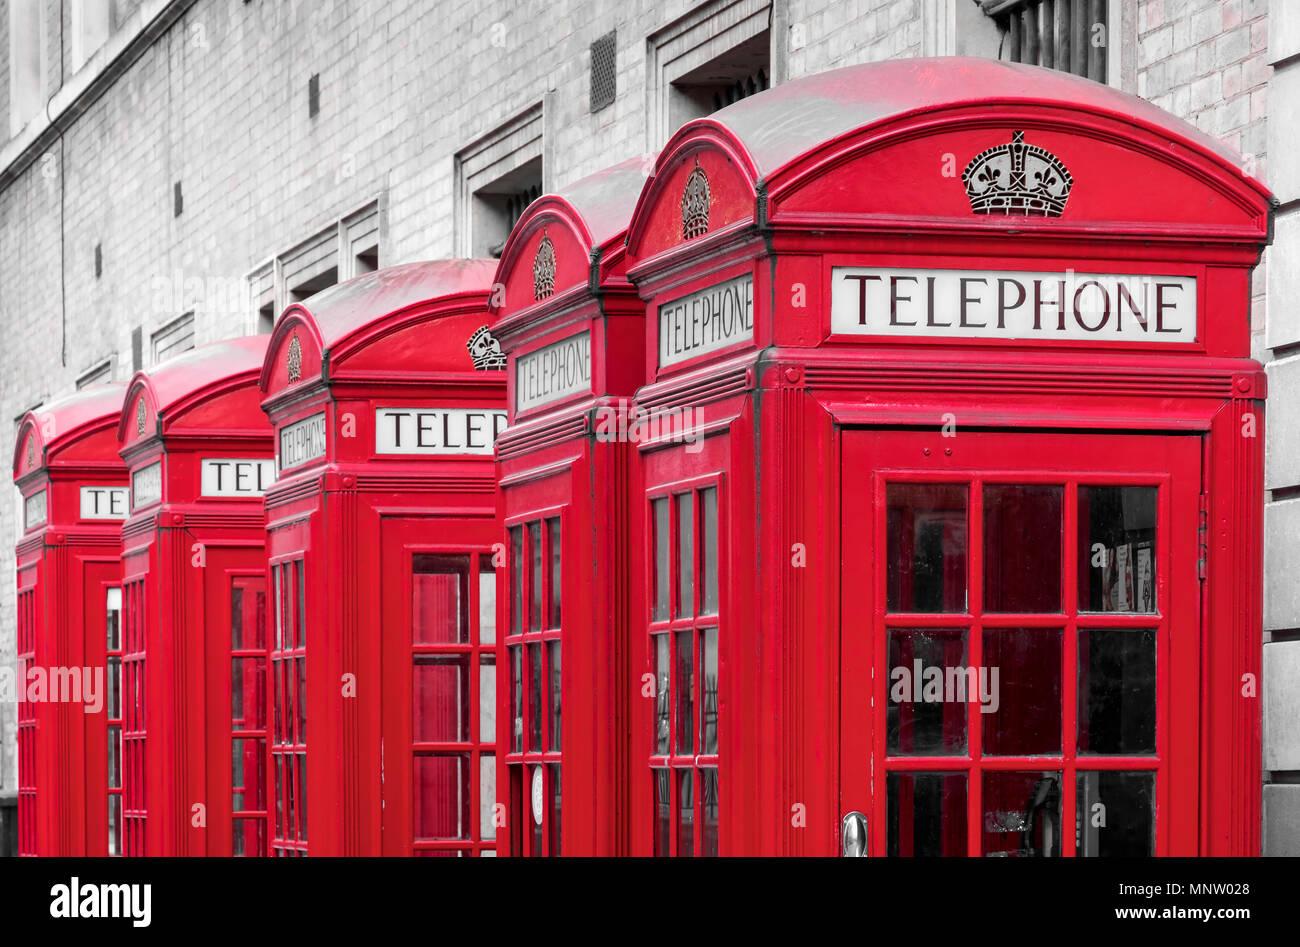 Eine Reihe von Roten britische Telefonzellen, London, England, Großbritannien Stockbild